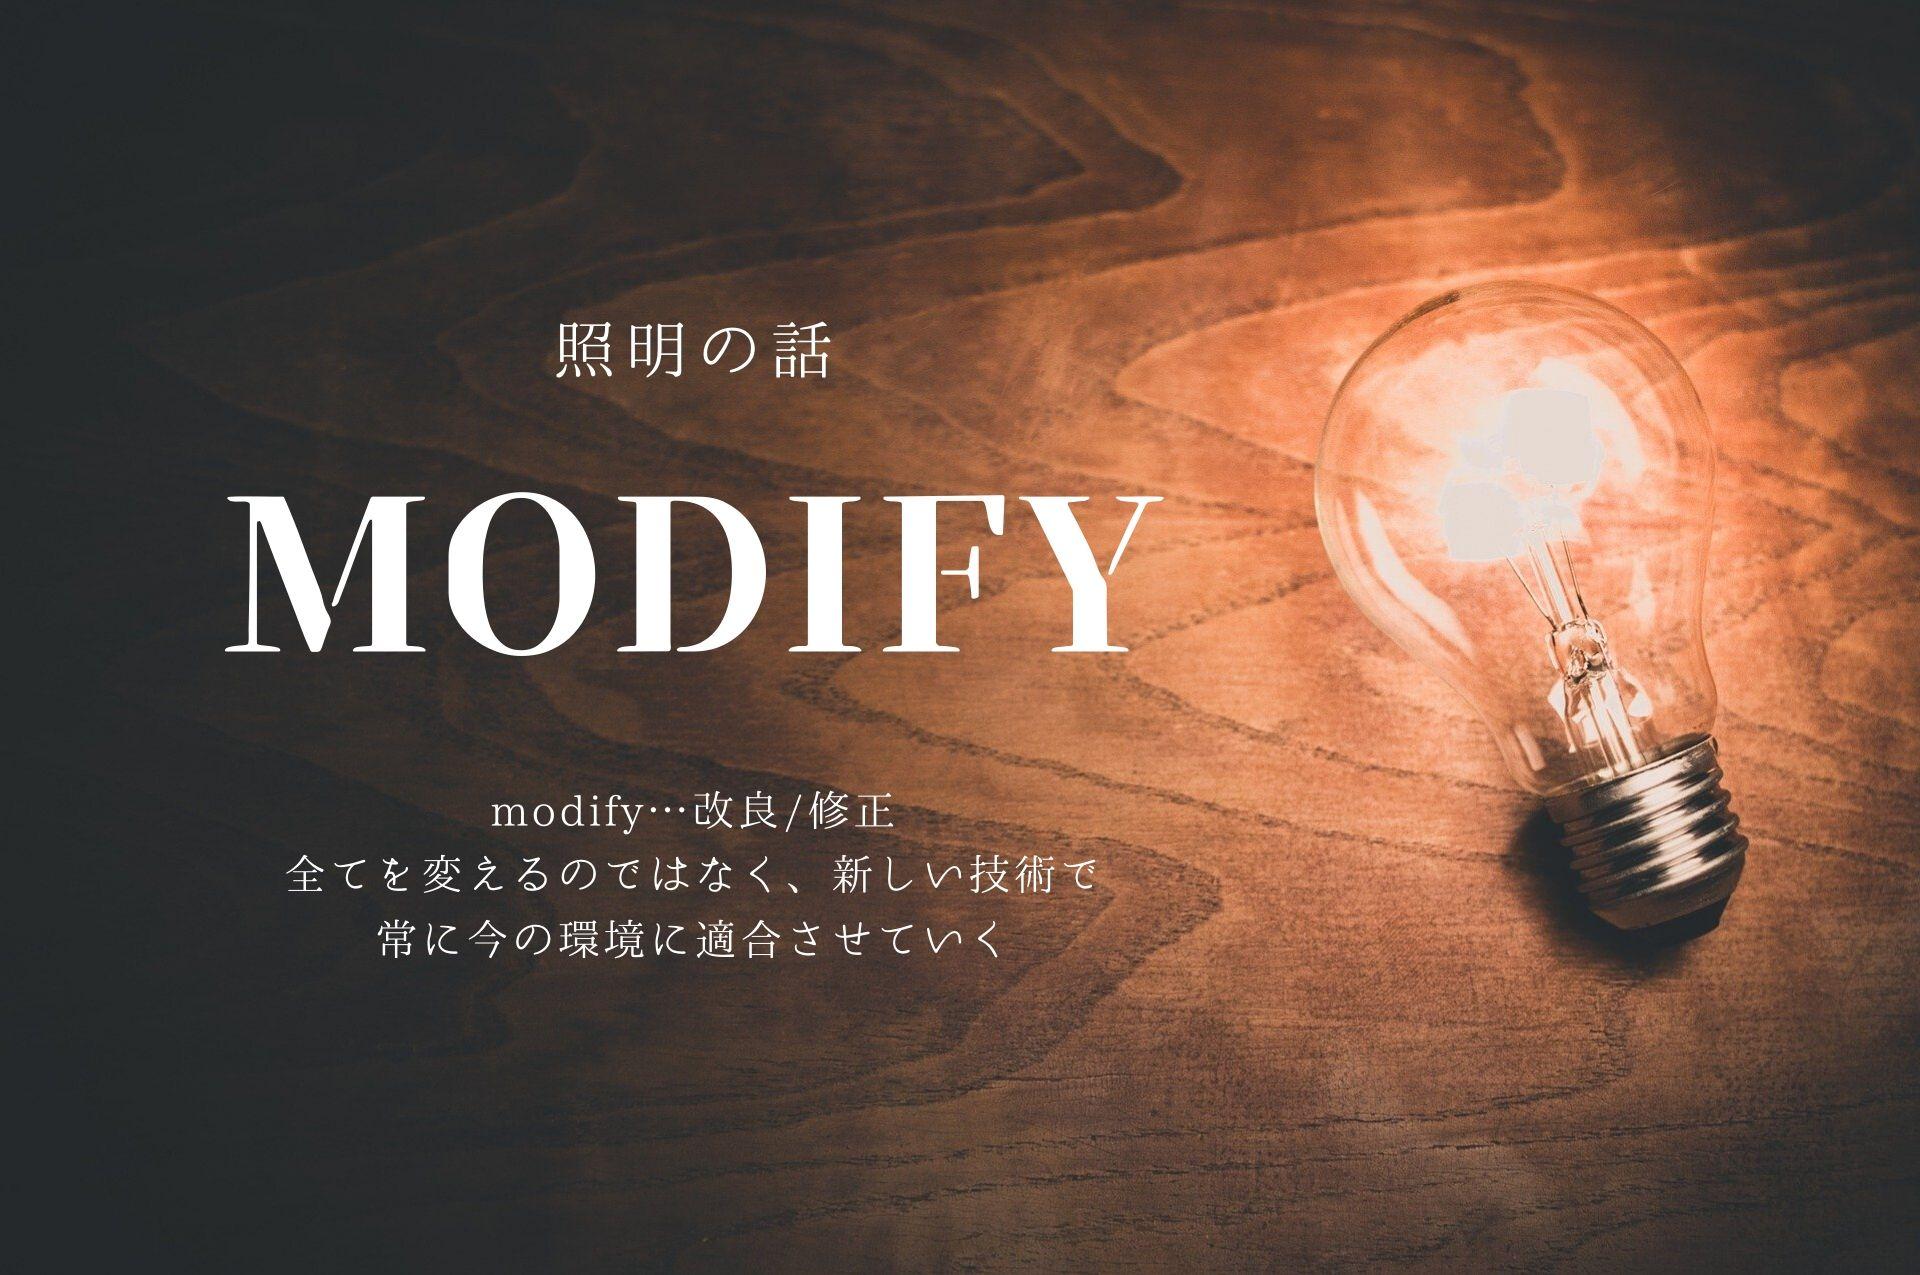 【照明計画】吹抜けリビングを彩るMODIFYという照明【Panasonic】